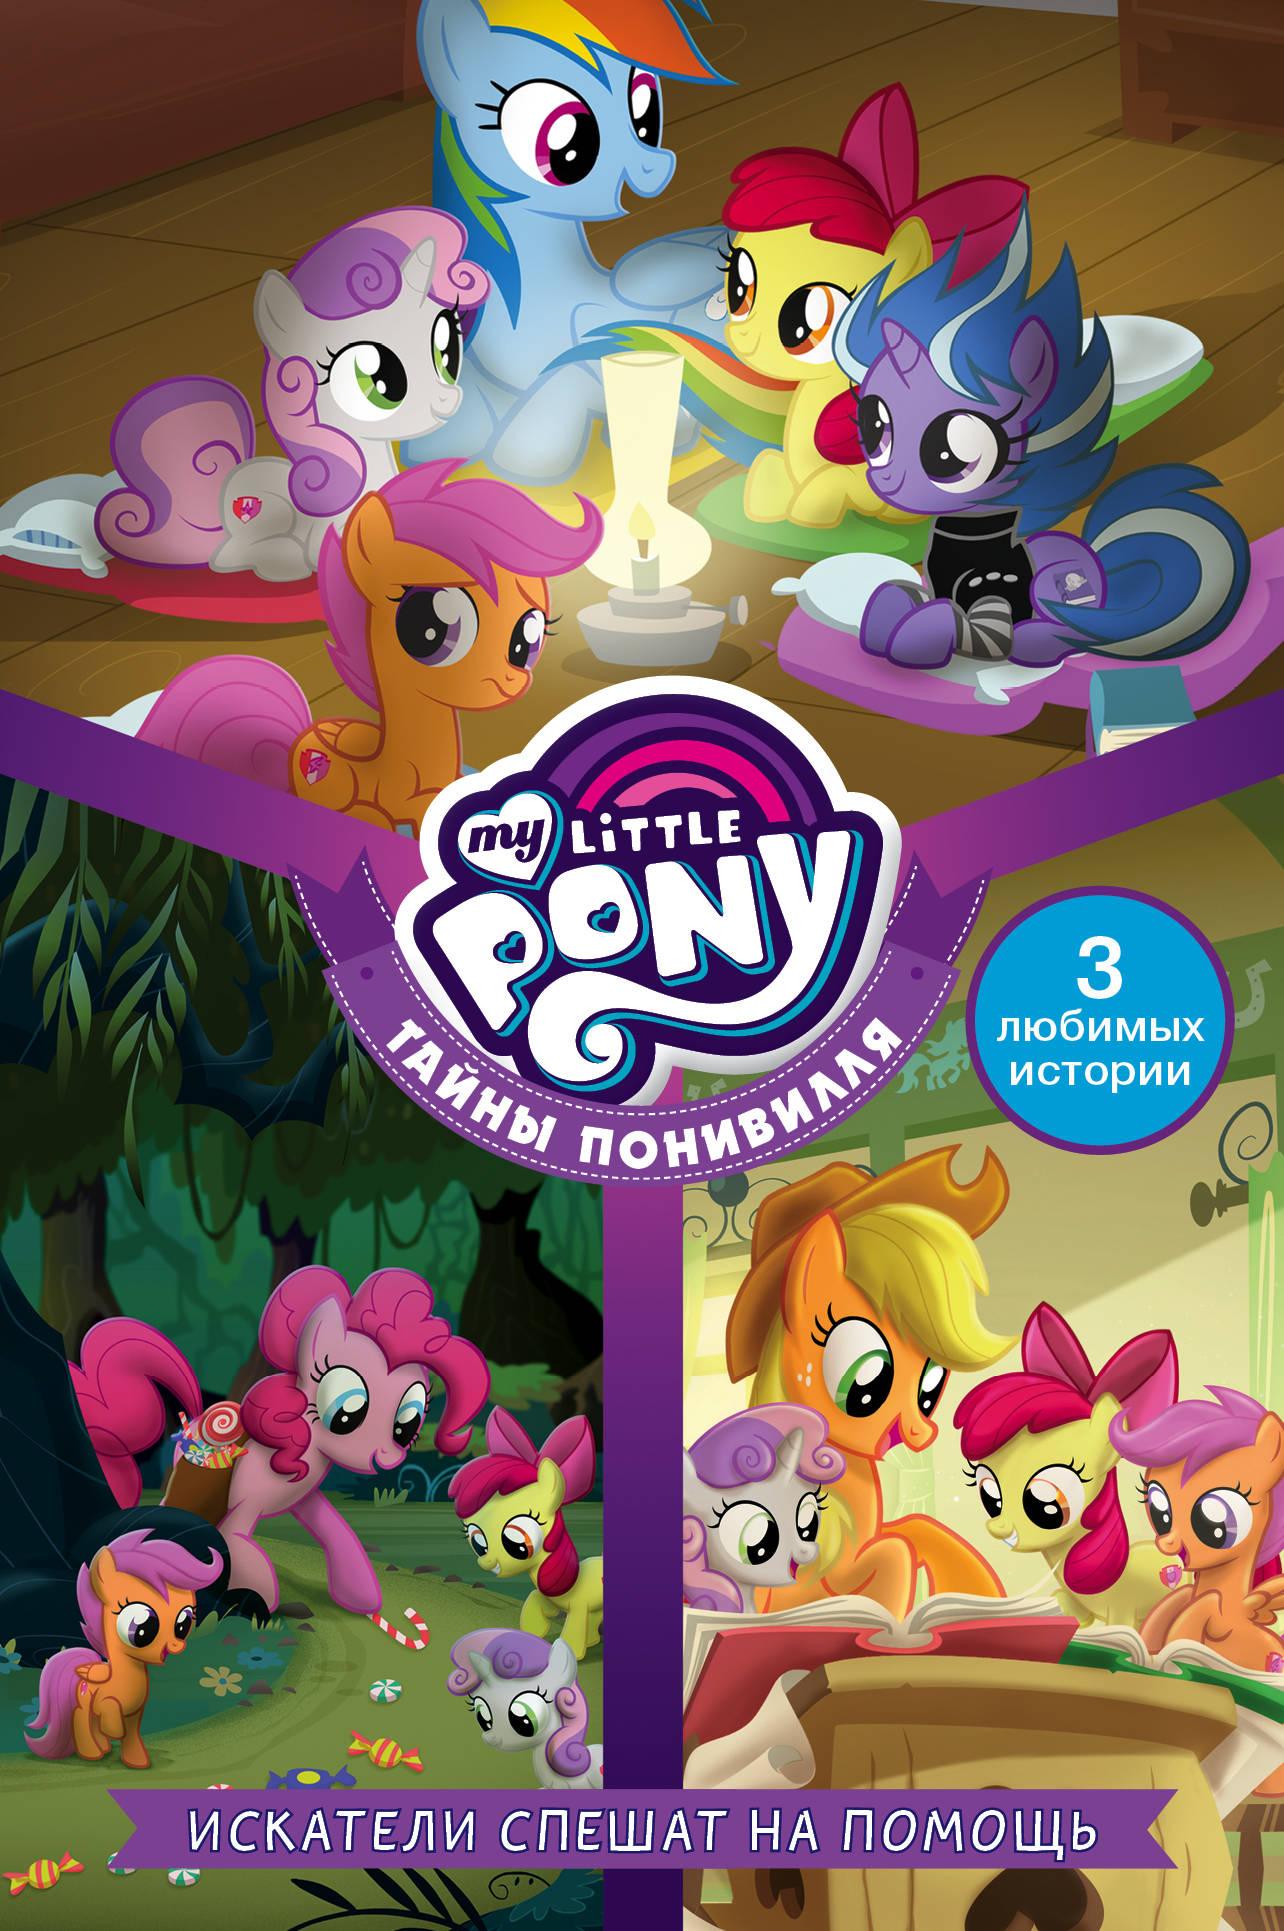 Куилл Пенумбра Мой маленький пони. Тайны Понивилля. Искатели спешат на помощь